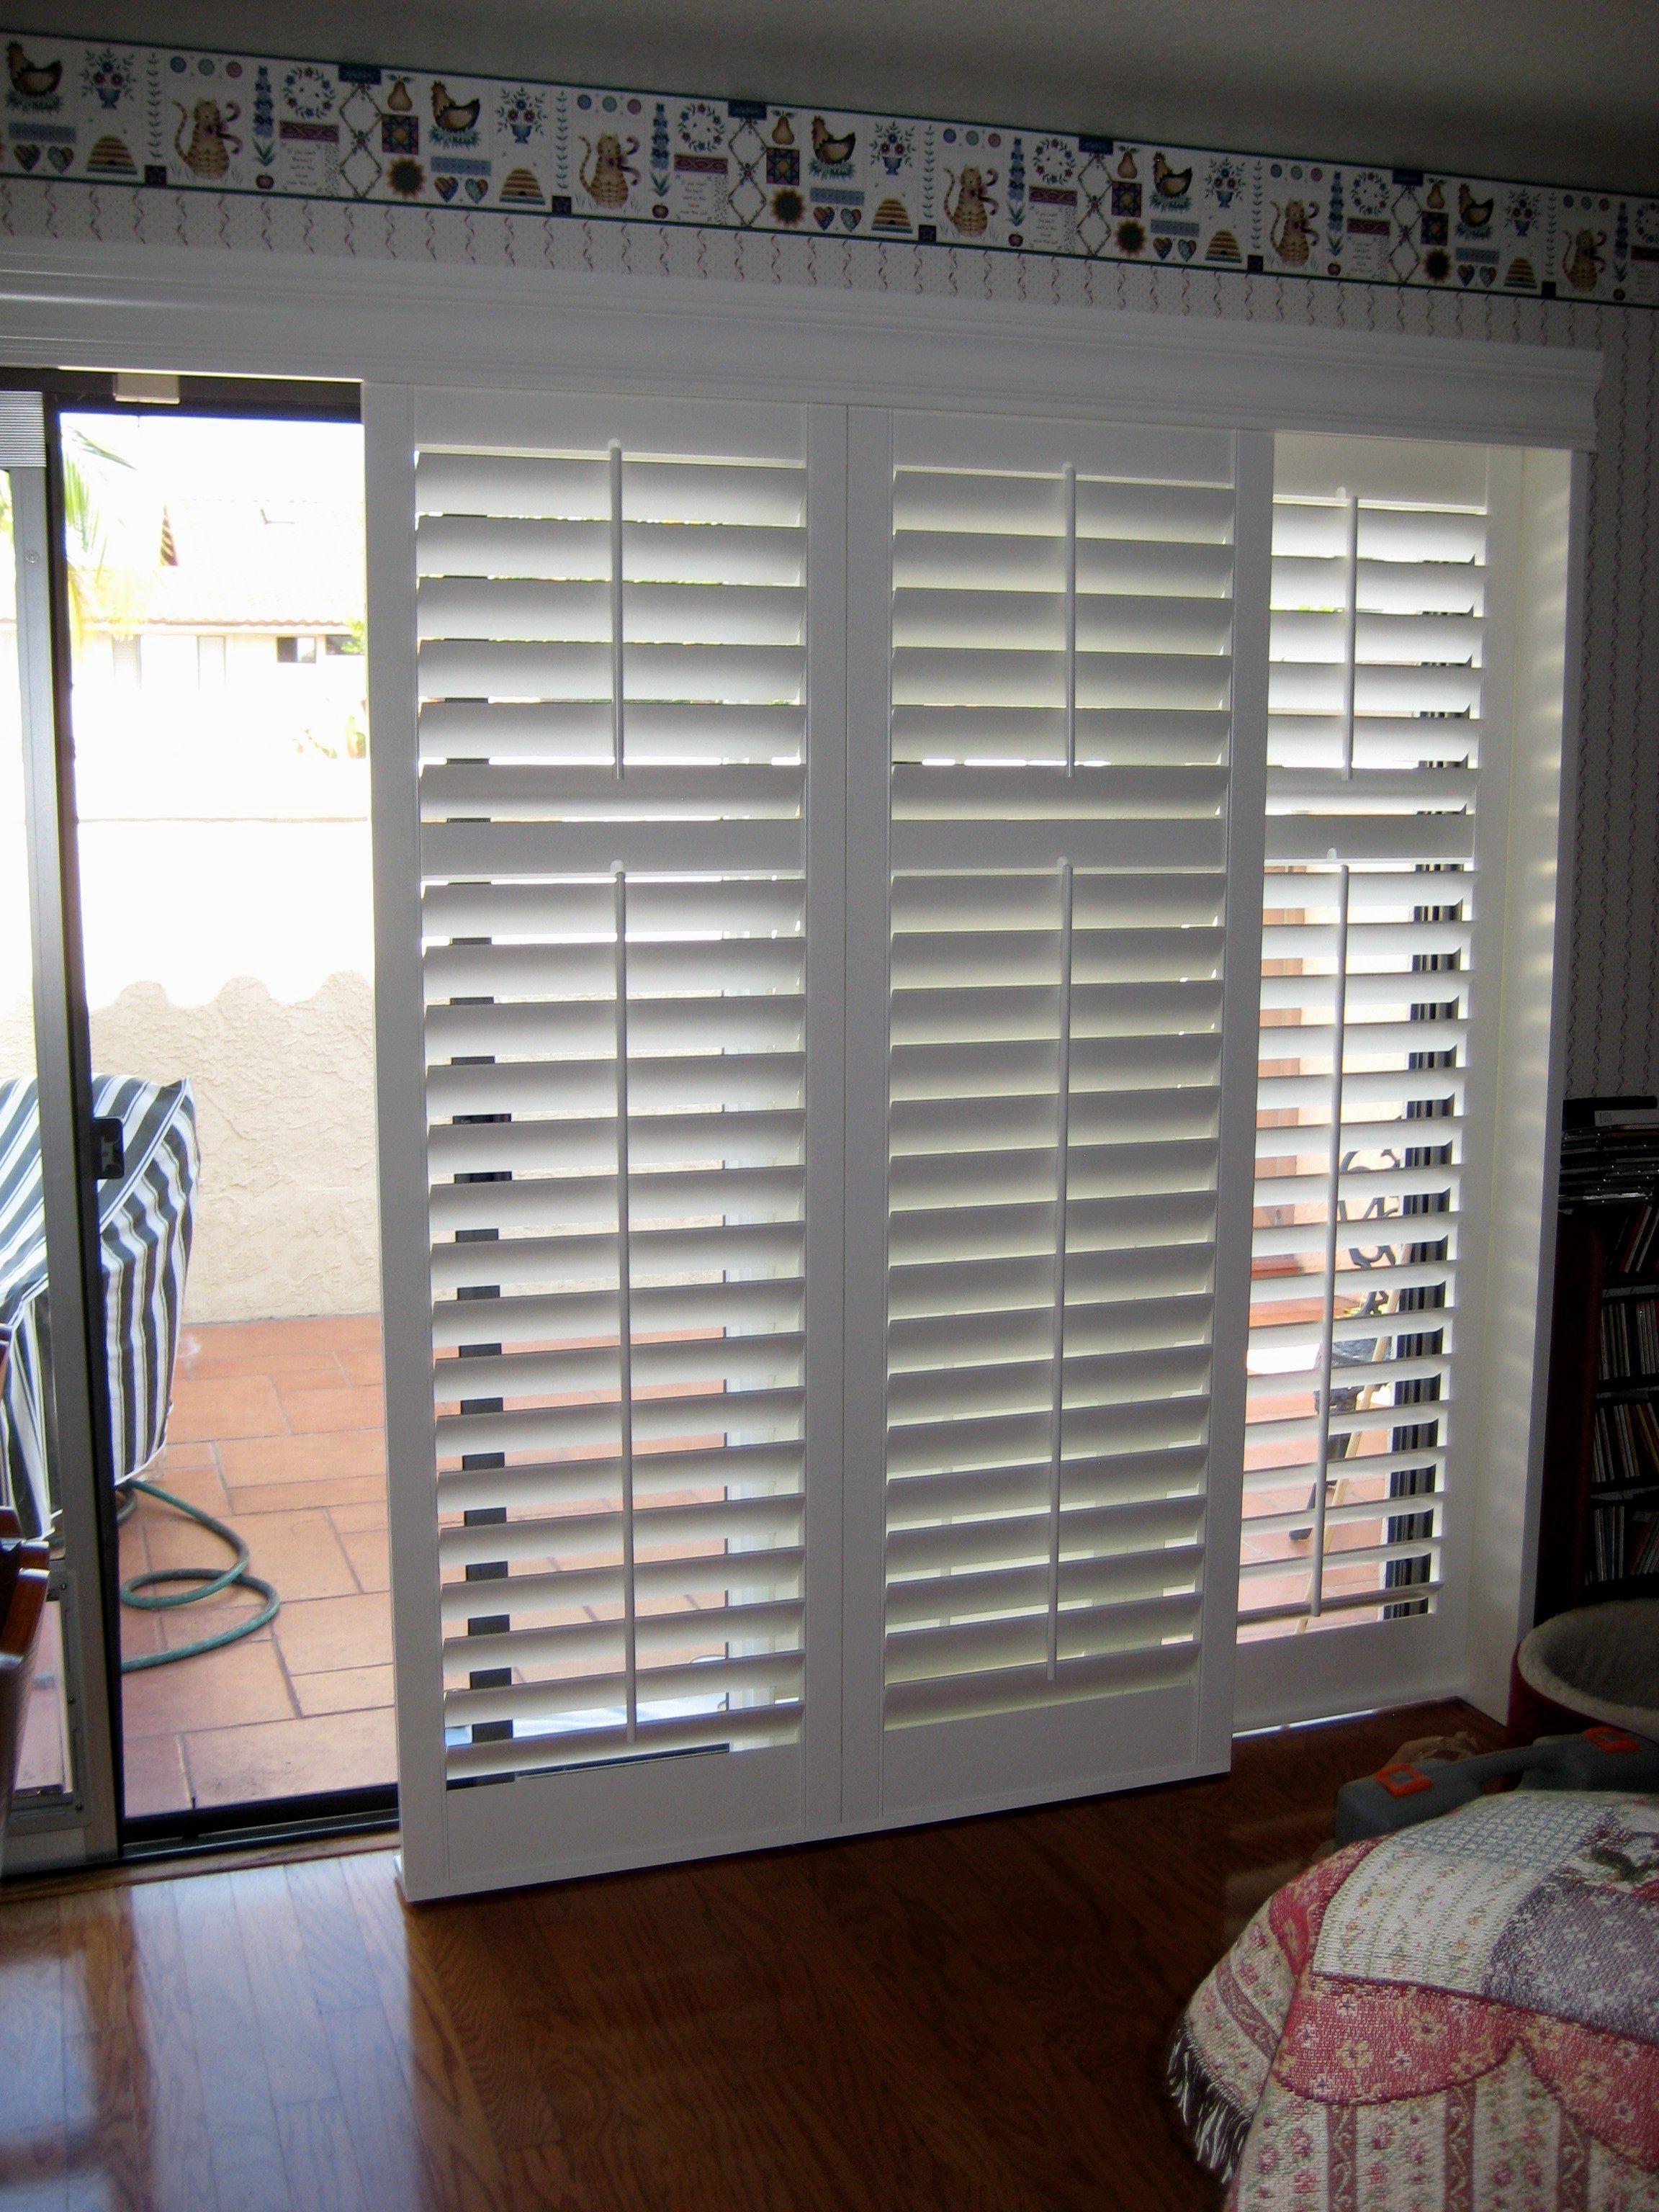 Custom Blinds For Sliding Glass Doorsdoor blinds for sliding doors ideas cool patio door blinds ideas